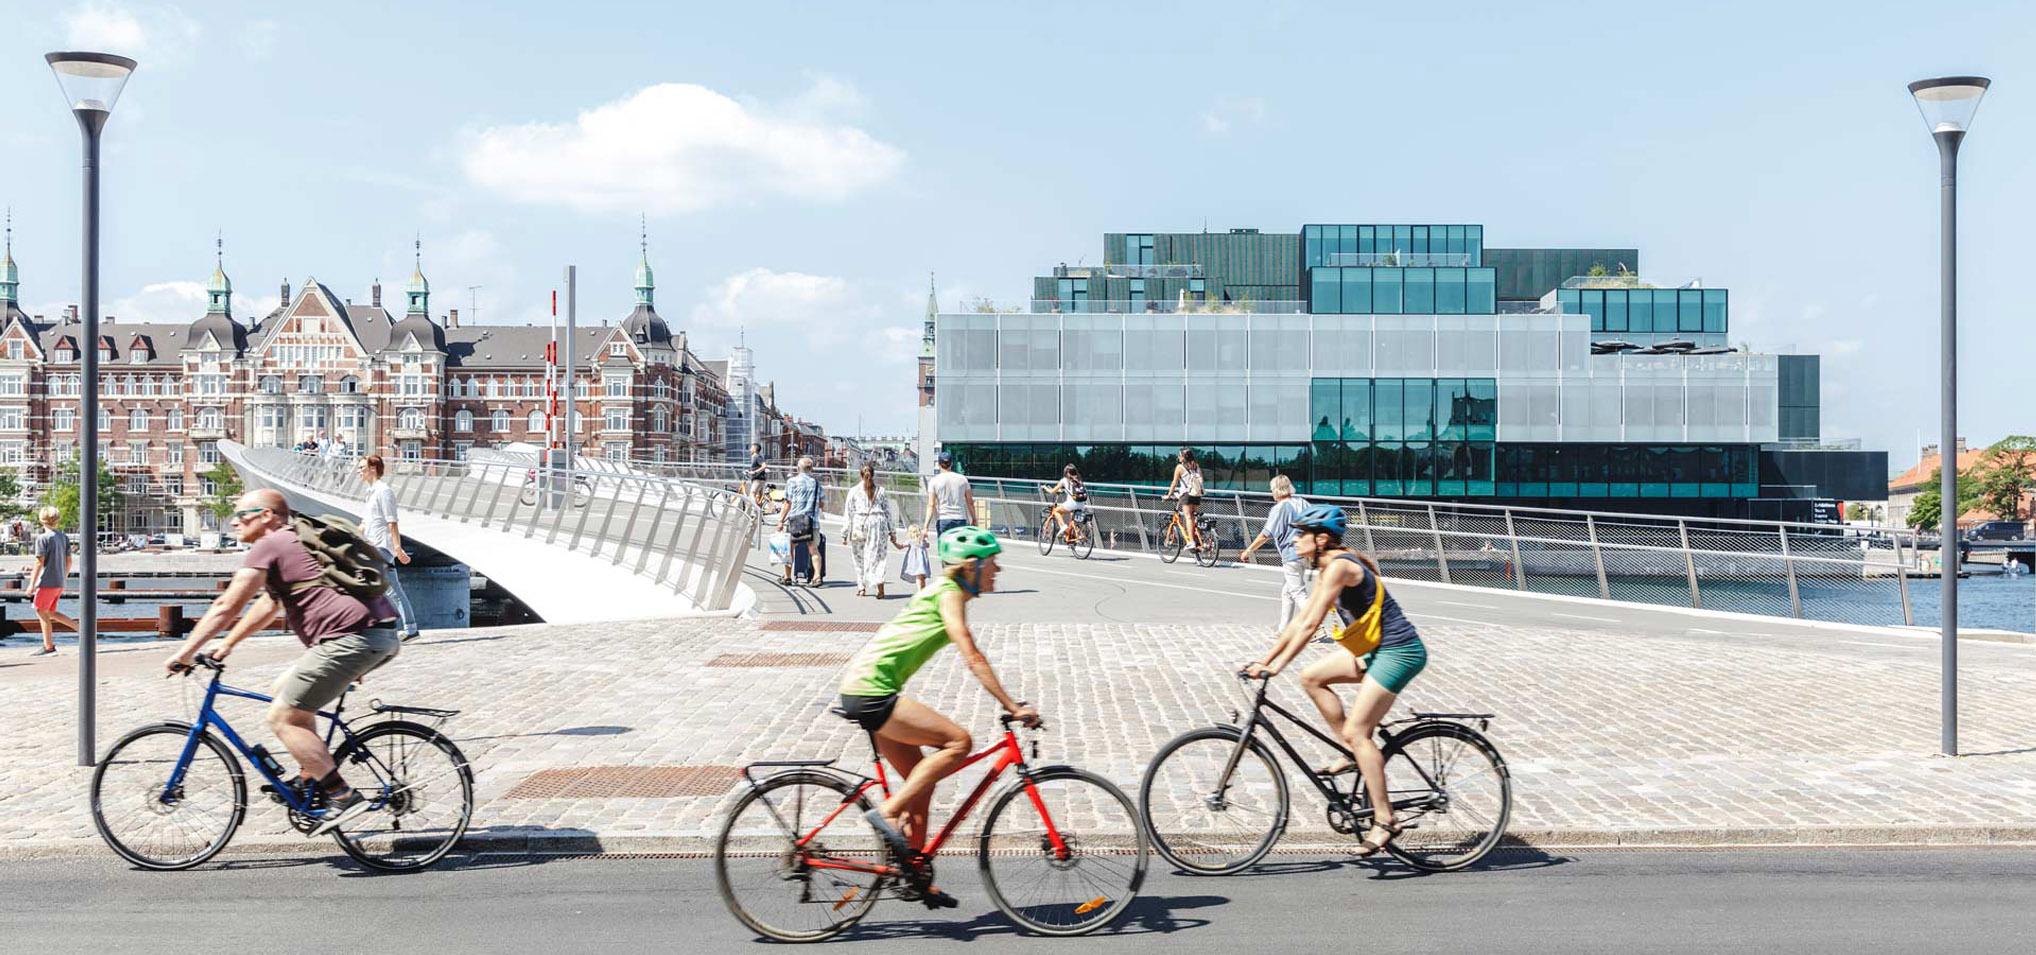 Instituttet for Fremtidsforskning flytter til BLOXHUB og laver strategisk satsning på fremtidens byer